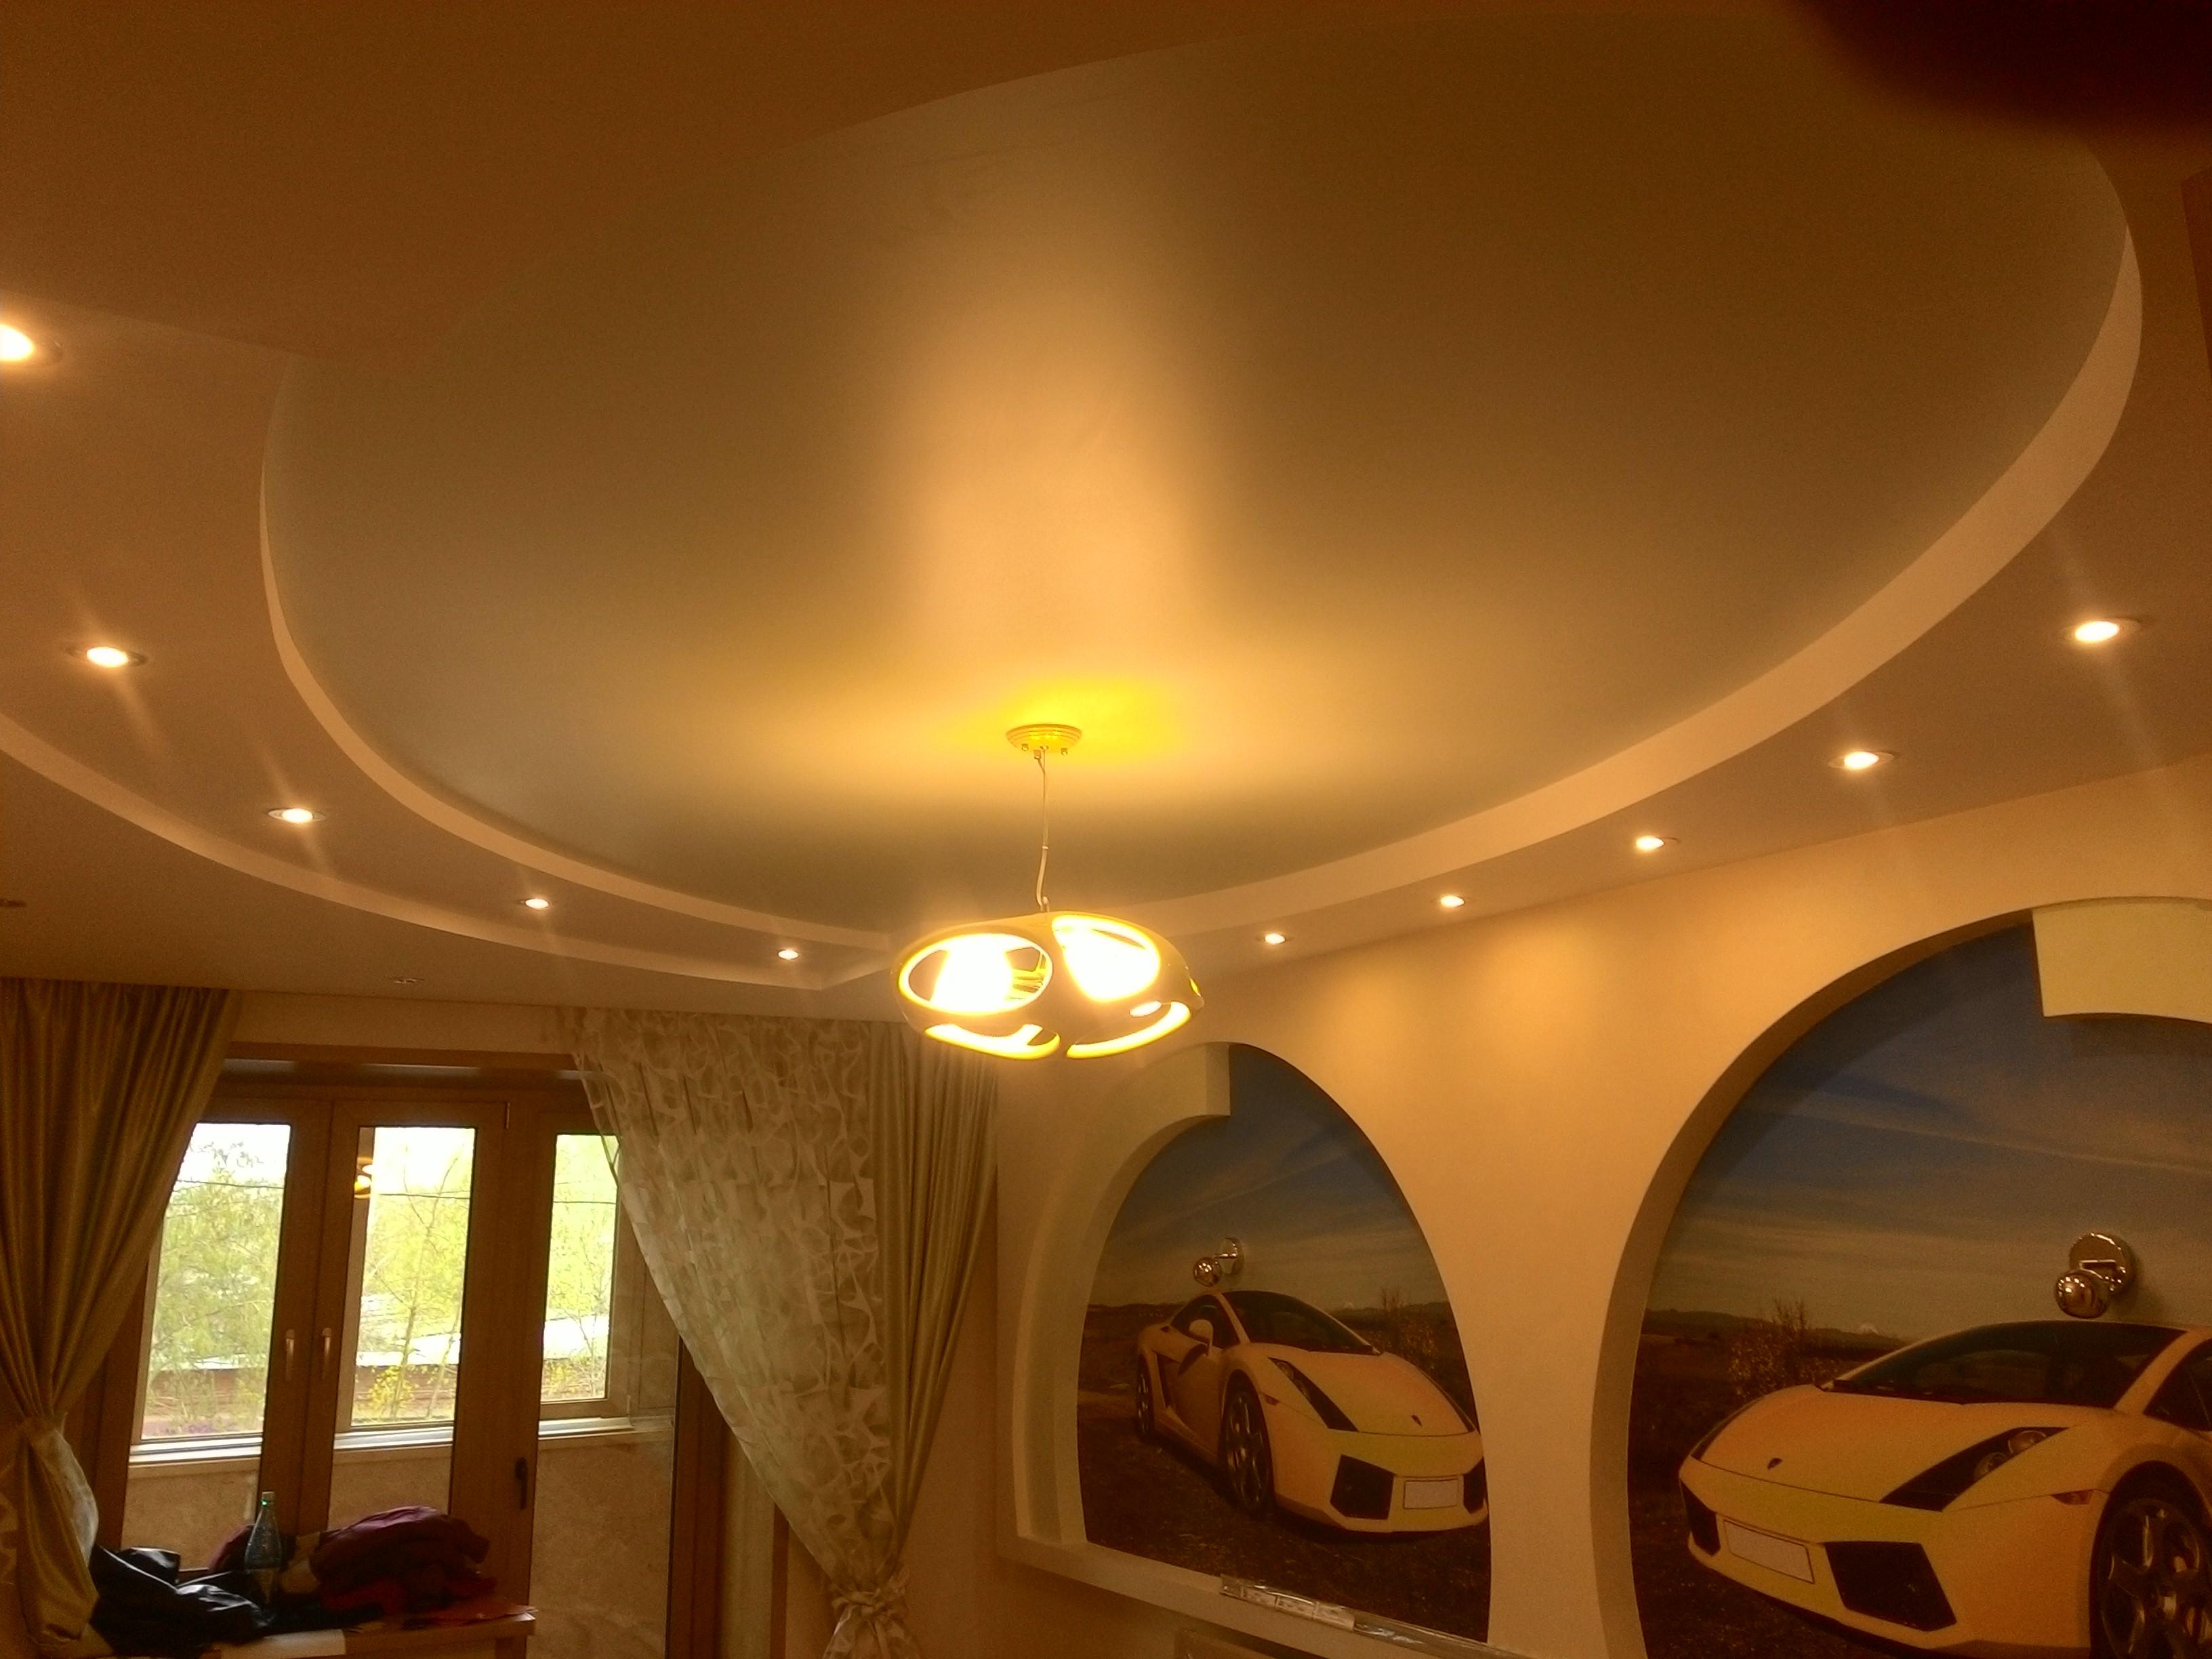 Просто красивый потолок